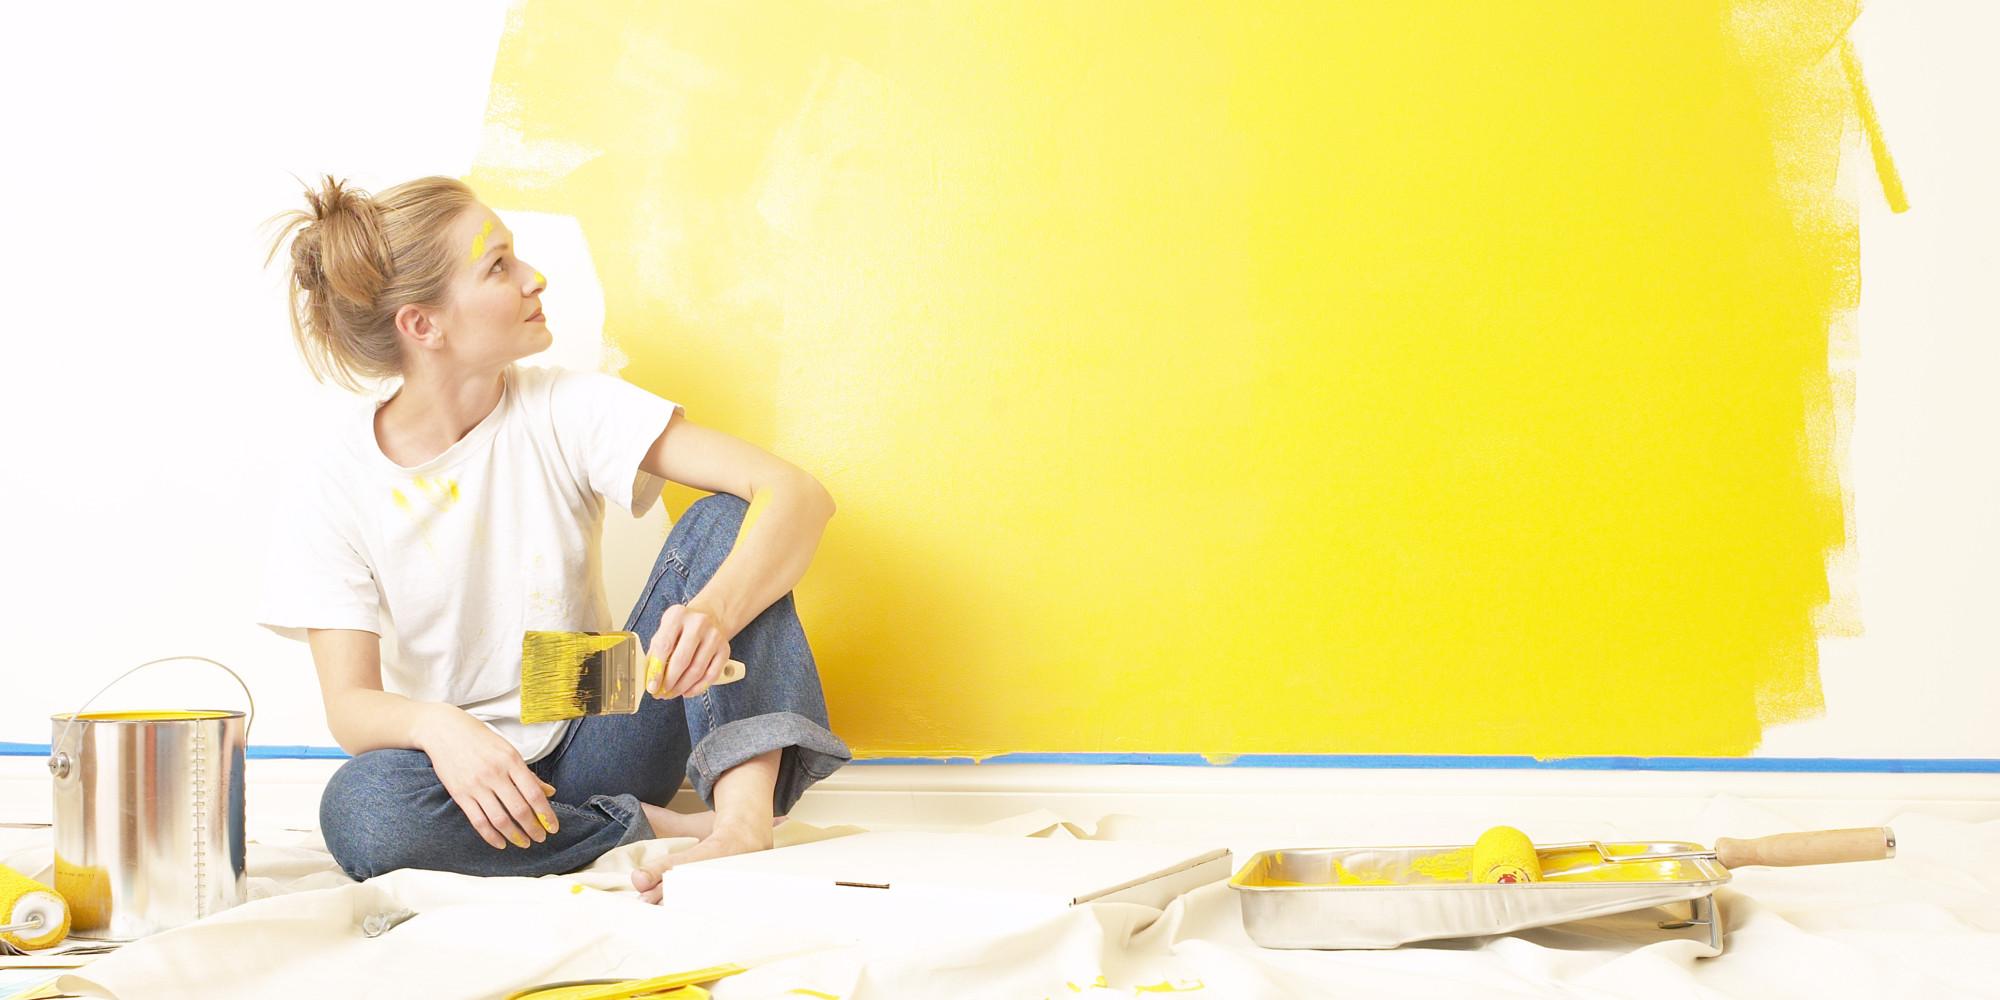 Dipingere casa fai da te: guida passo dopo passo